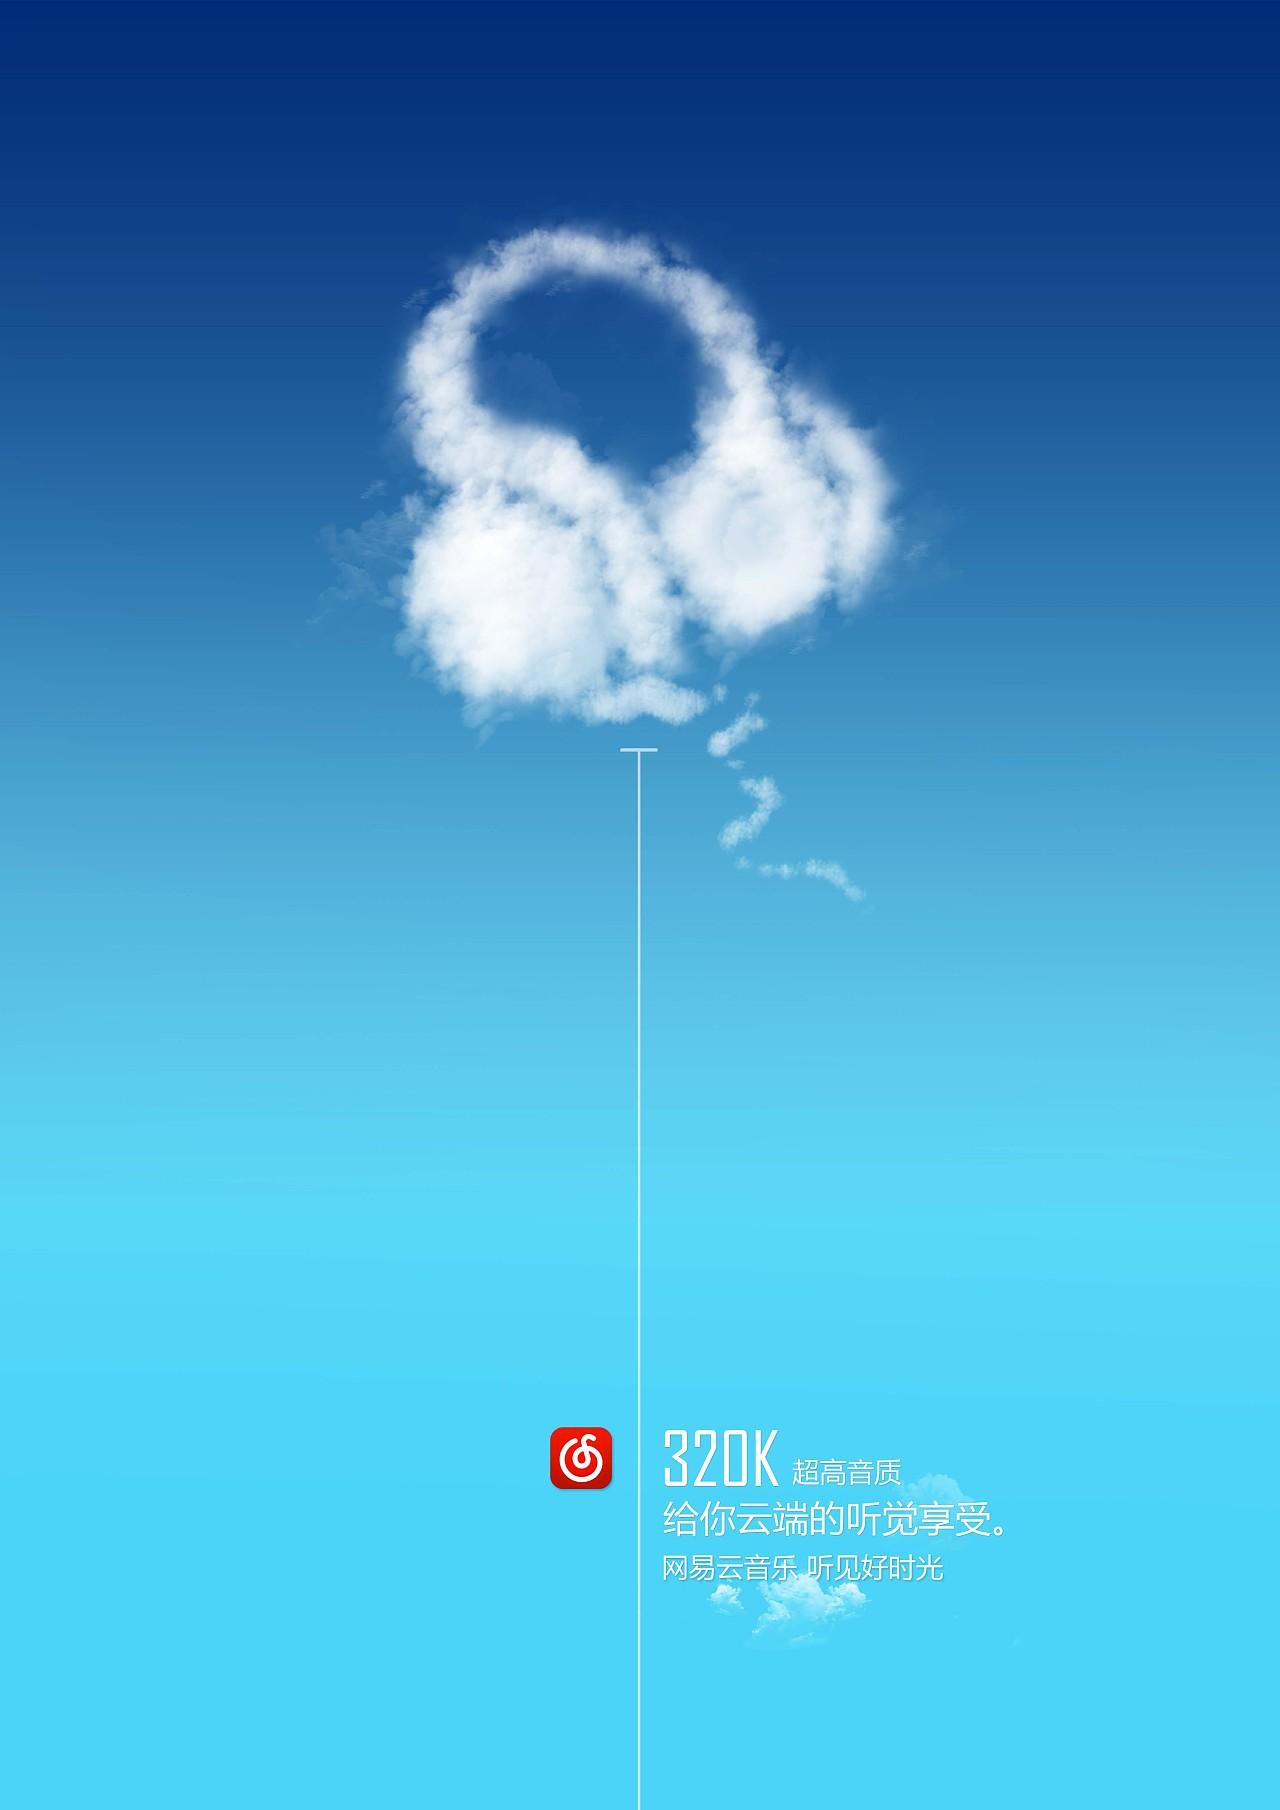 网易云音乐——给你云端的听觉享受